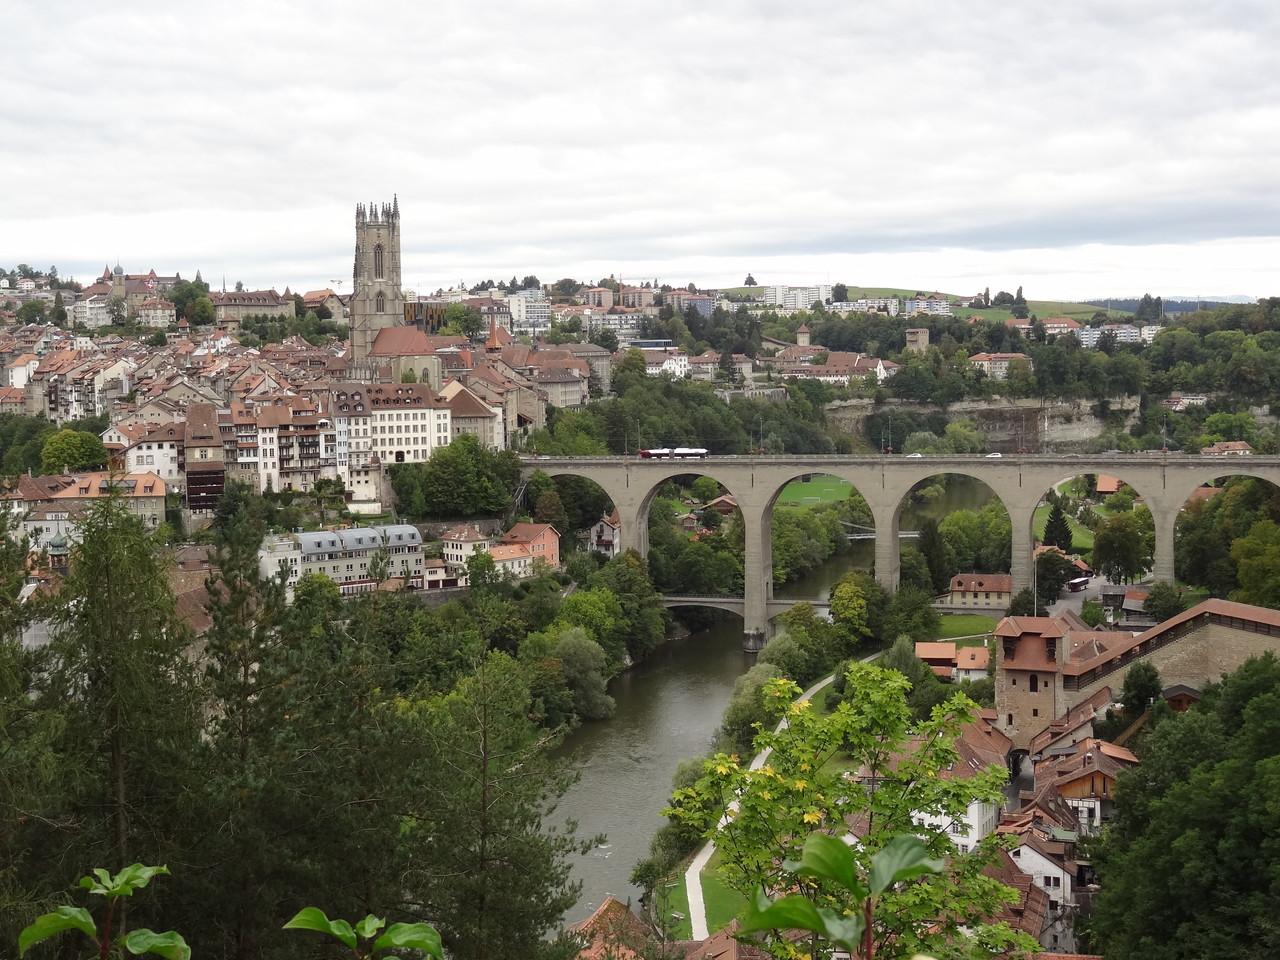 1. Halt in Fribourg